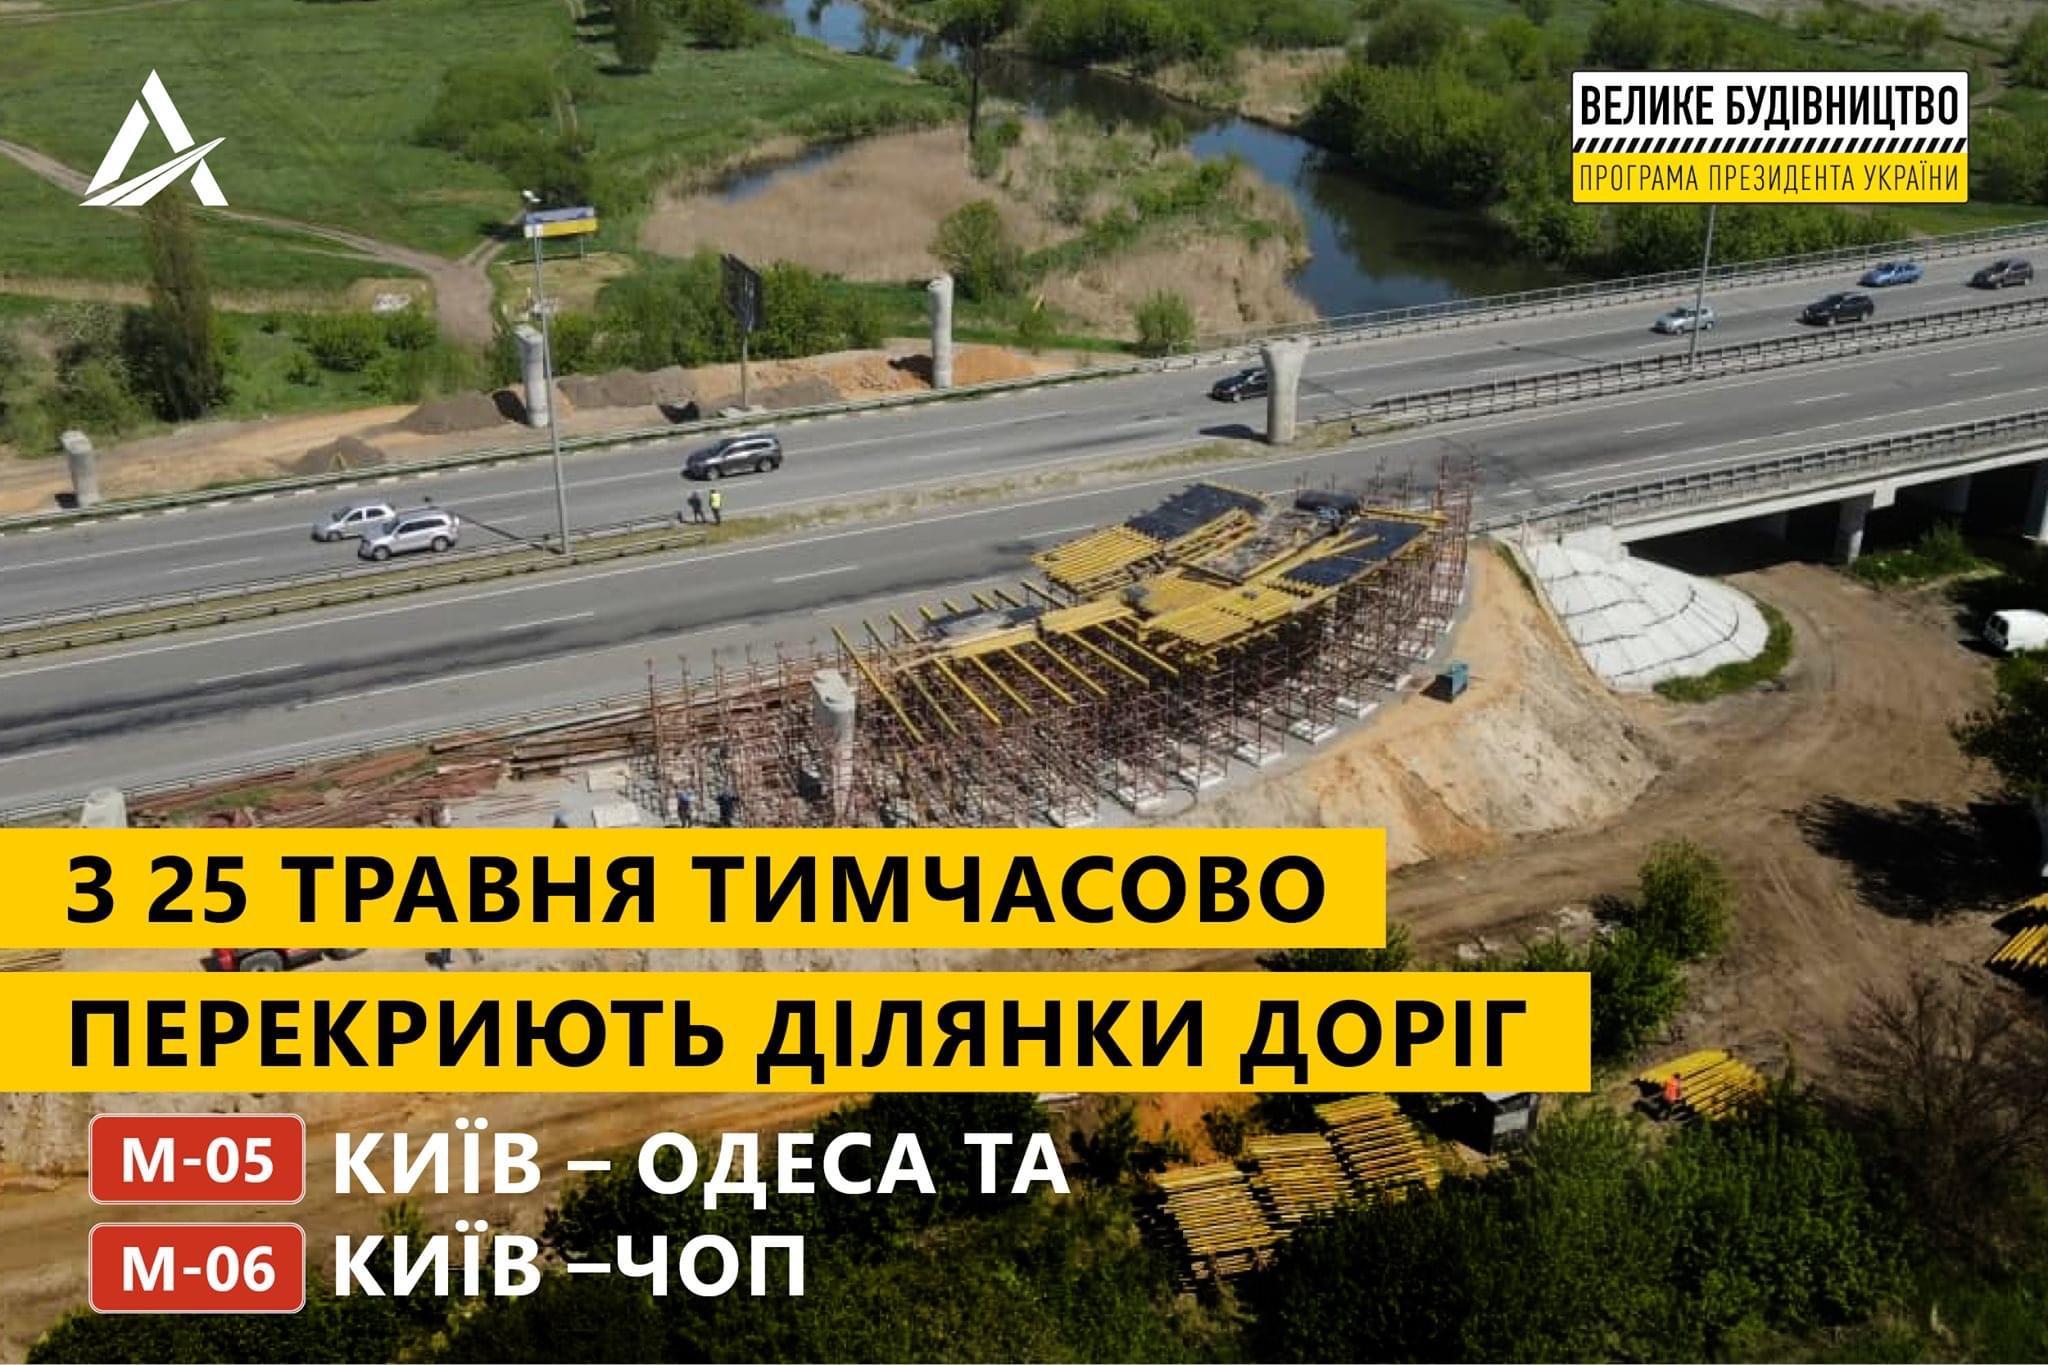 Увага! На Київщині часткове перекриття доріг!